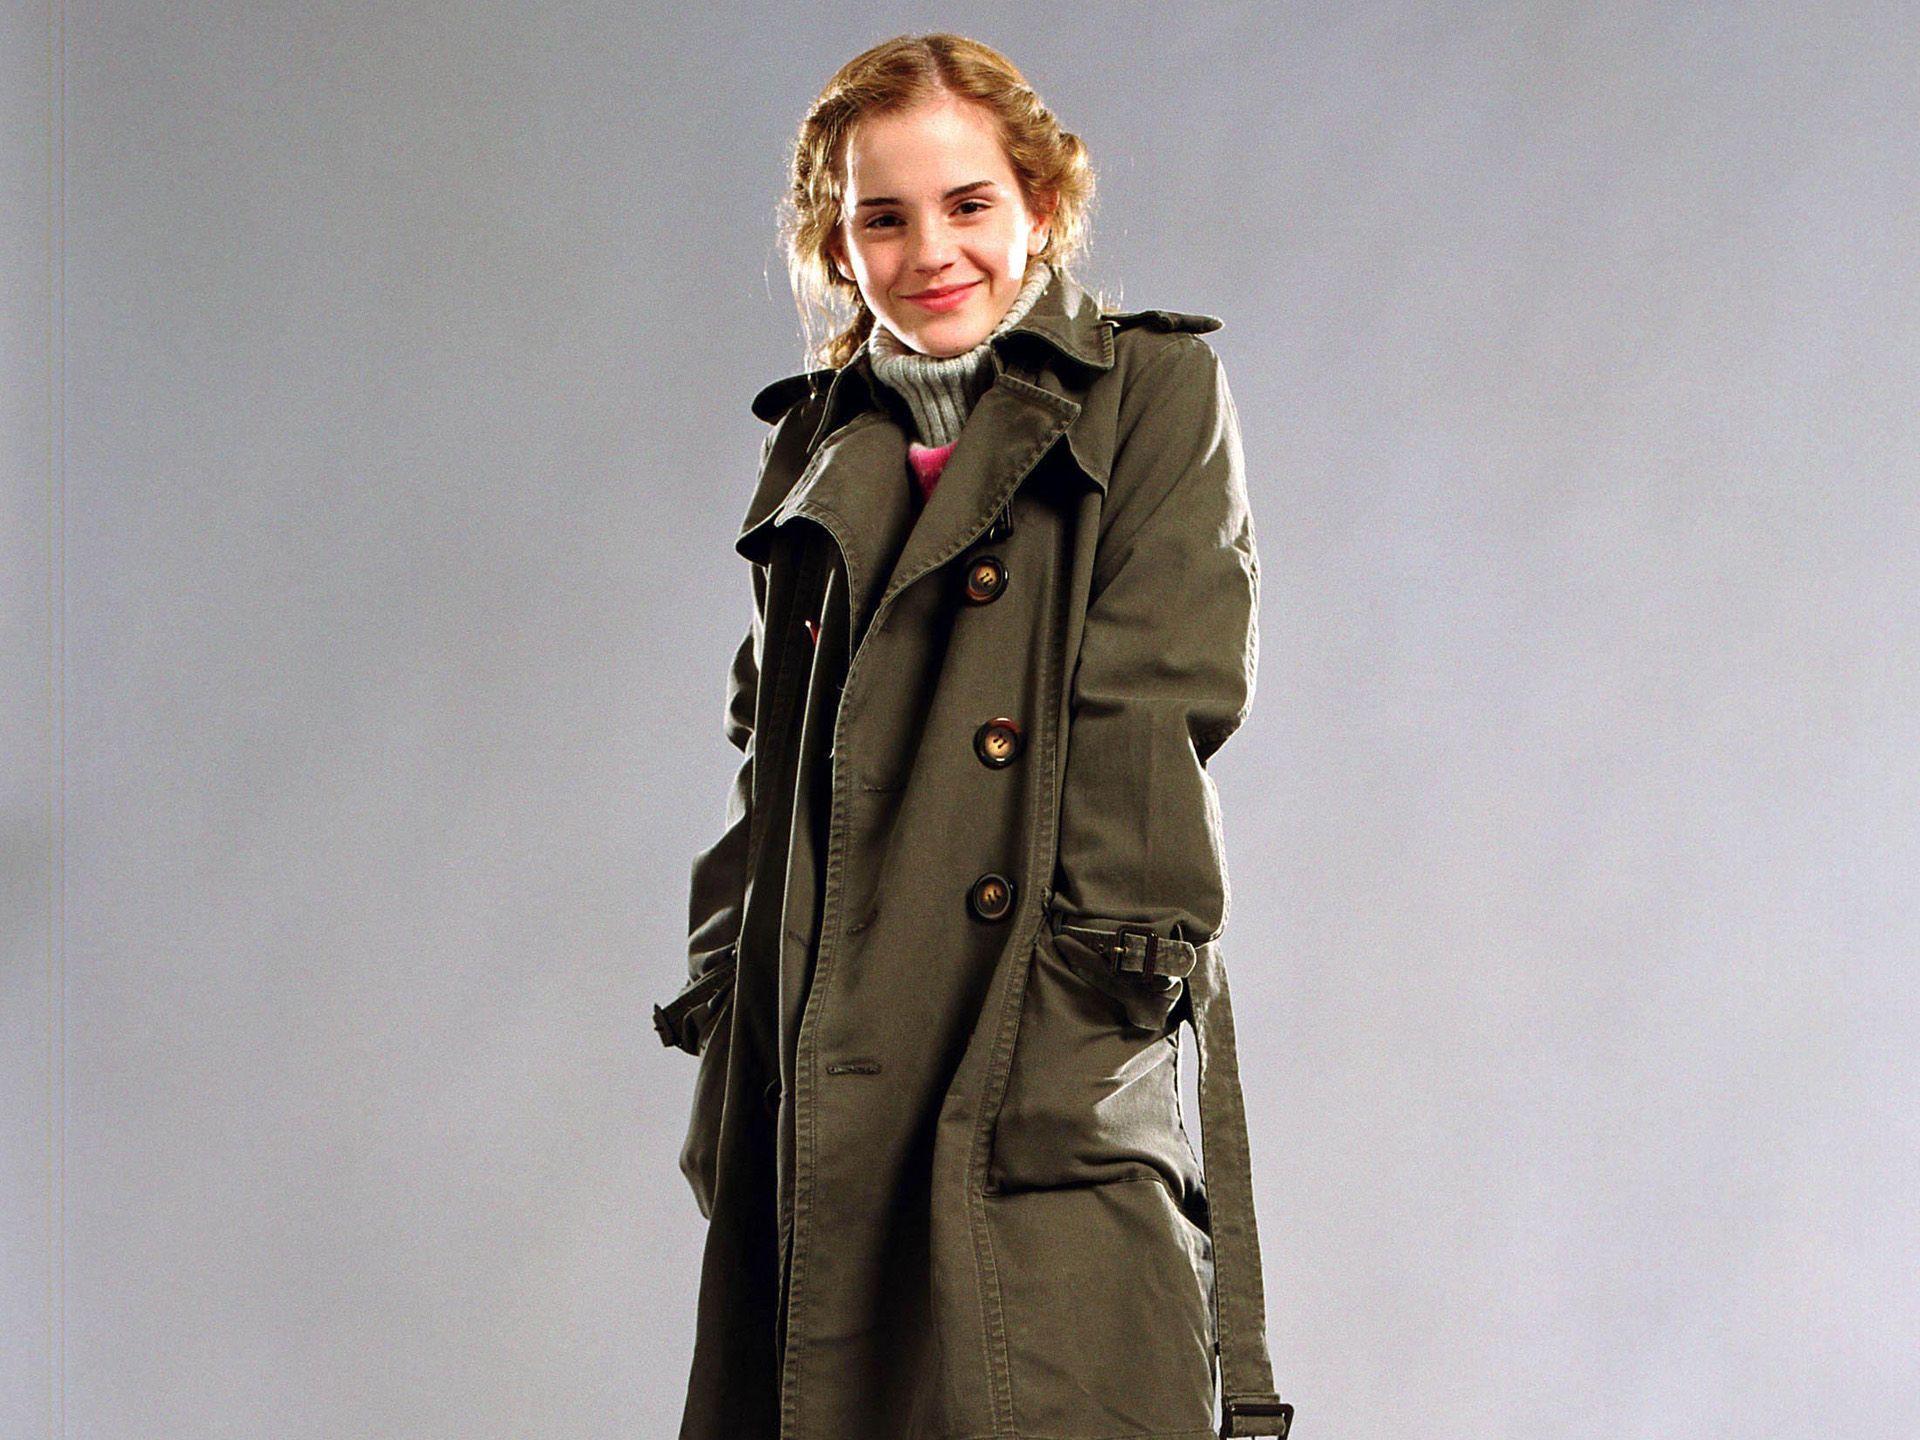 Emma Watson Hermione Granger Wallpapers HD Wallpapers